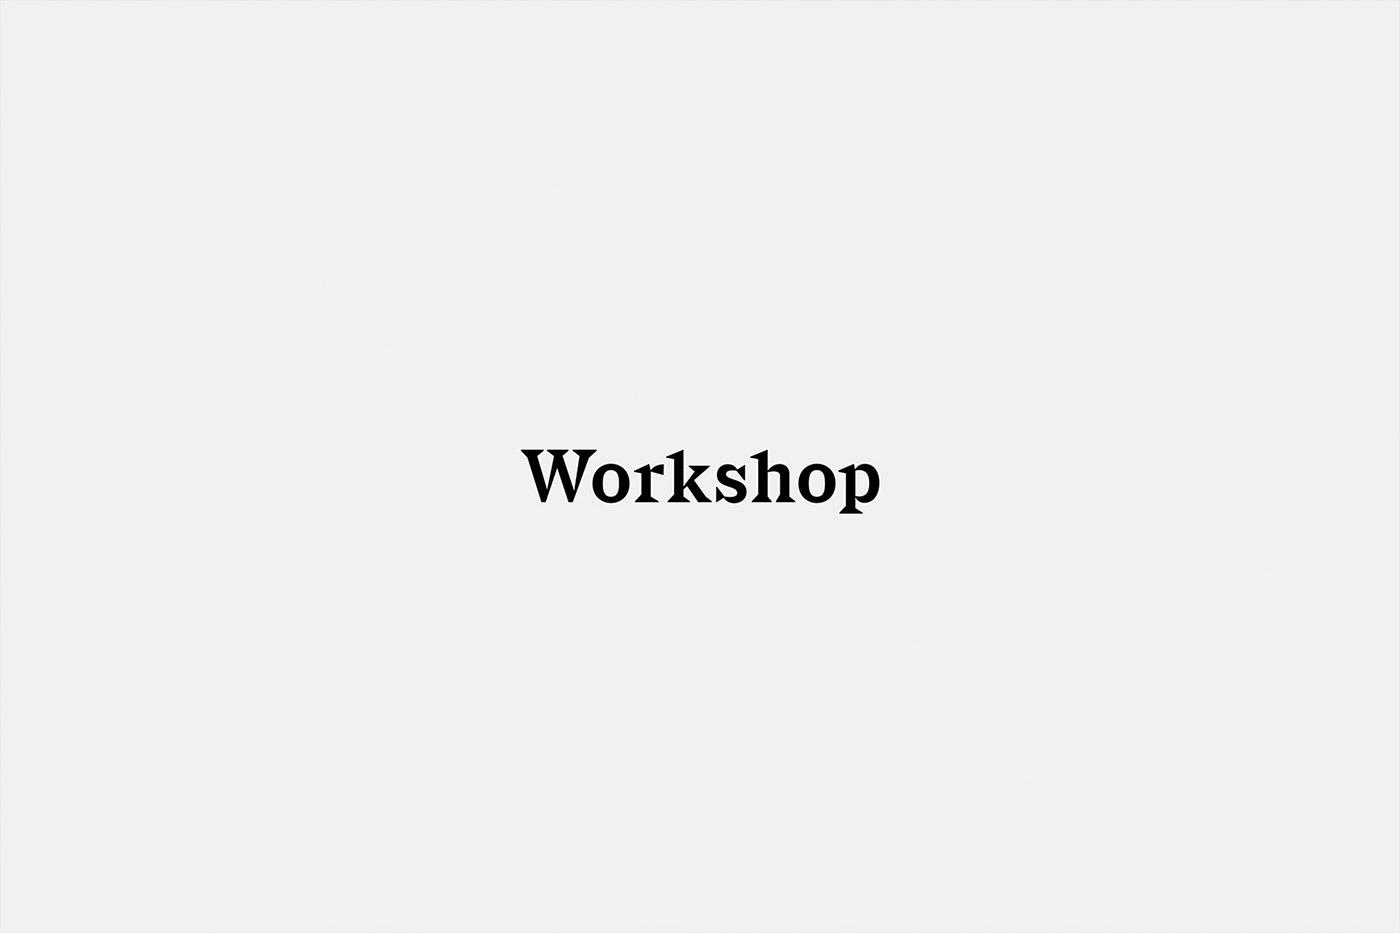 Workshop foil stamping branding  Stationery handmade crafts